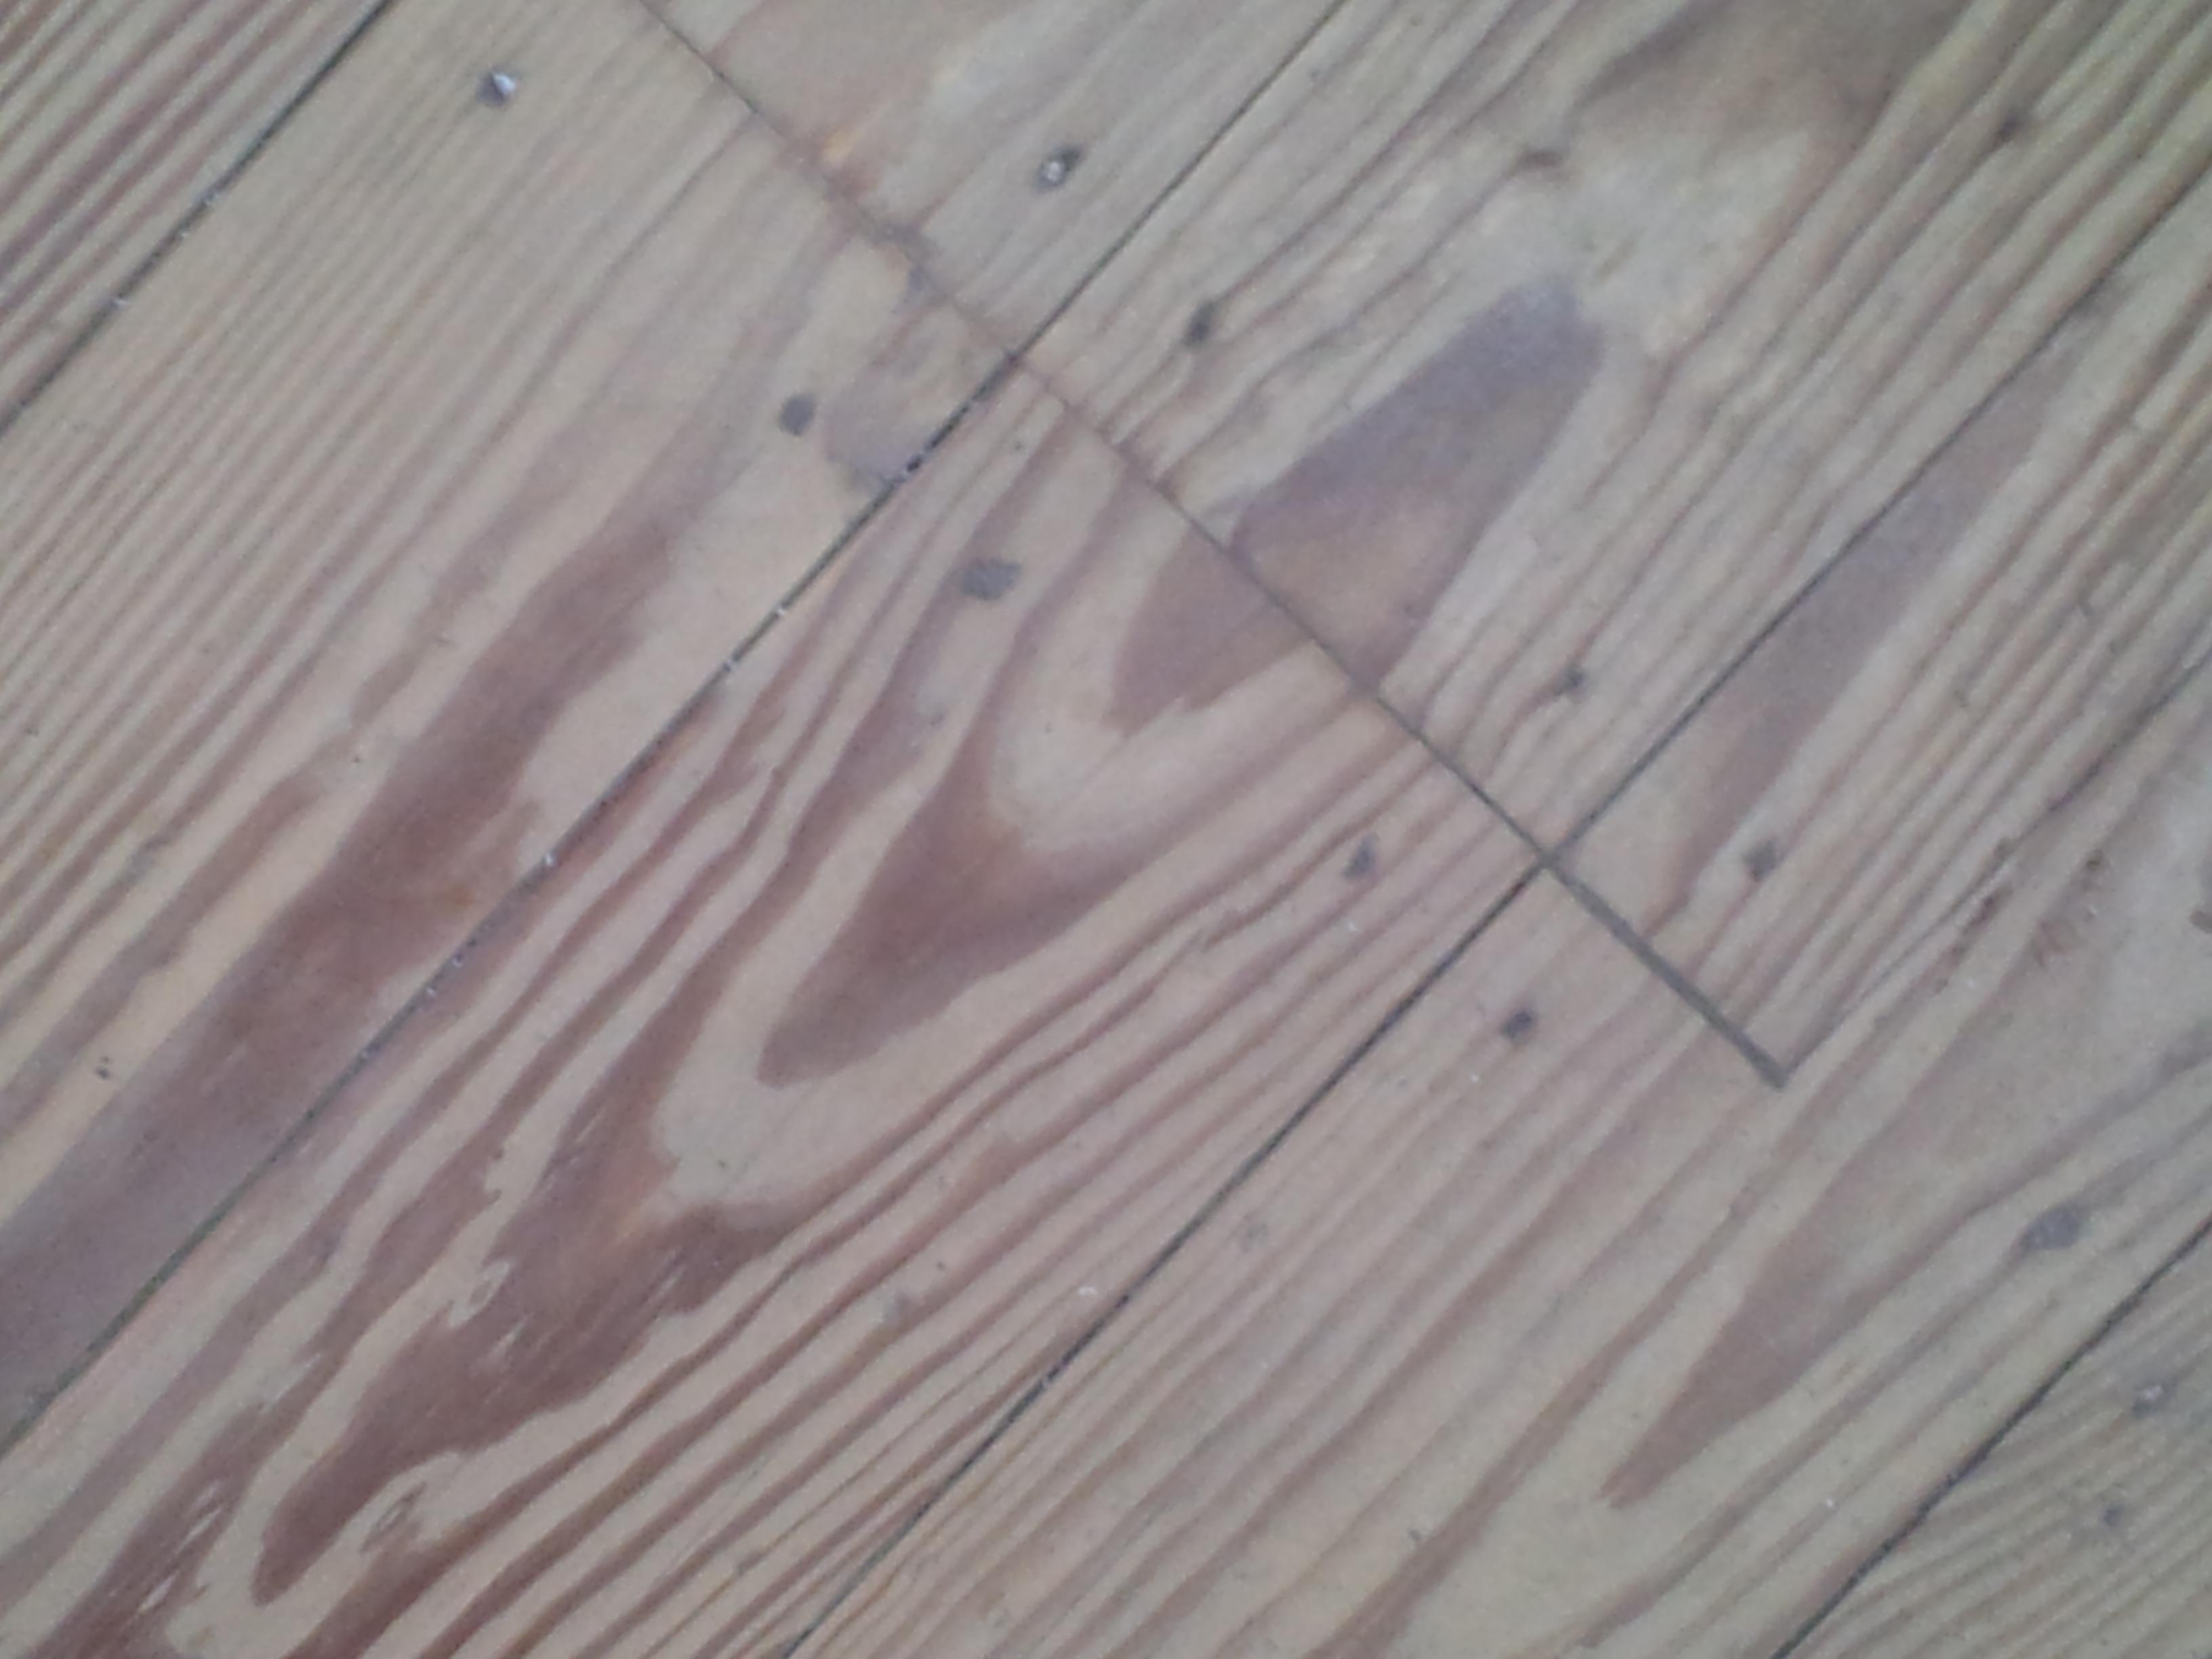 Holzfußboden Lackieren ~ Pitch pine holzfussboden lackieren hartwachsöl oder bohnern